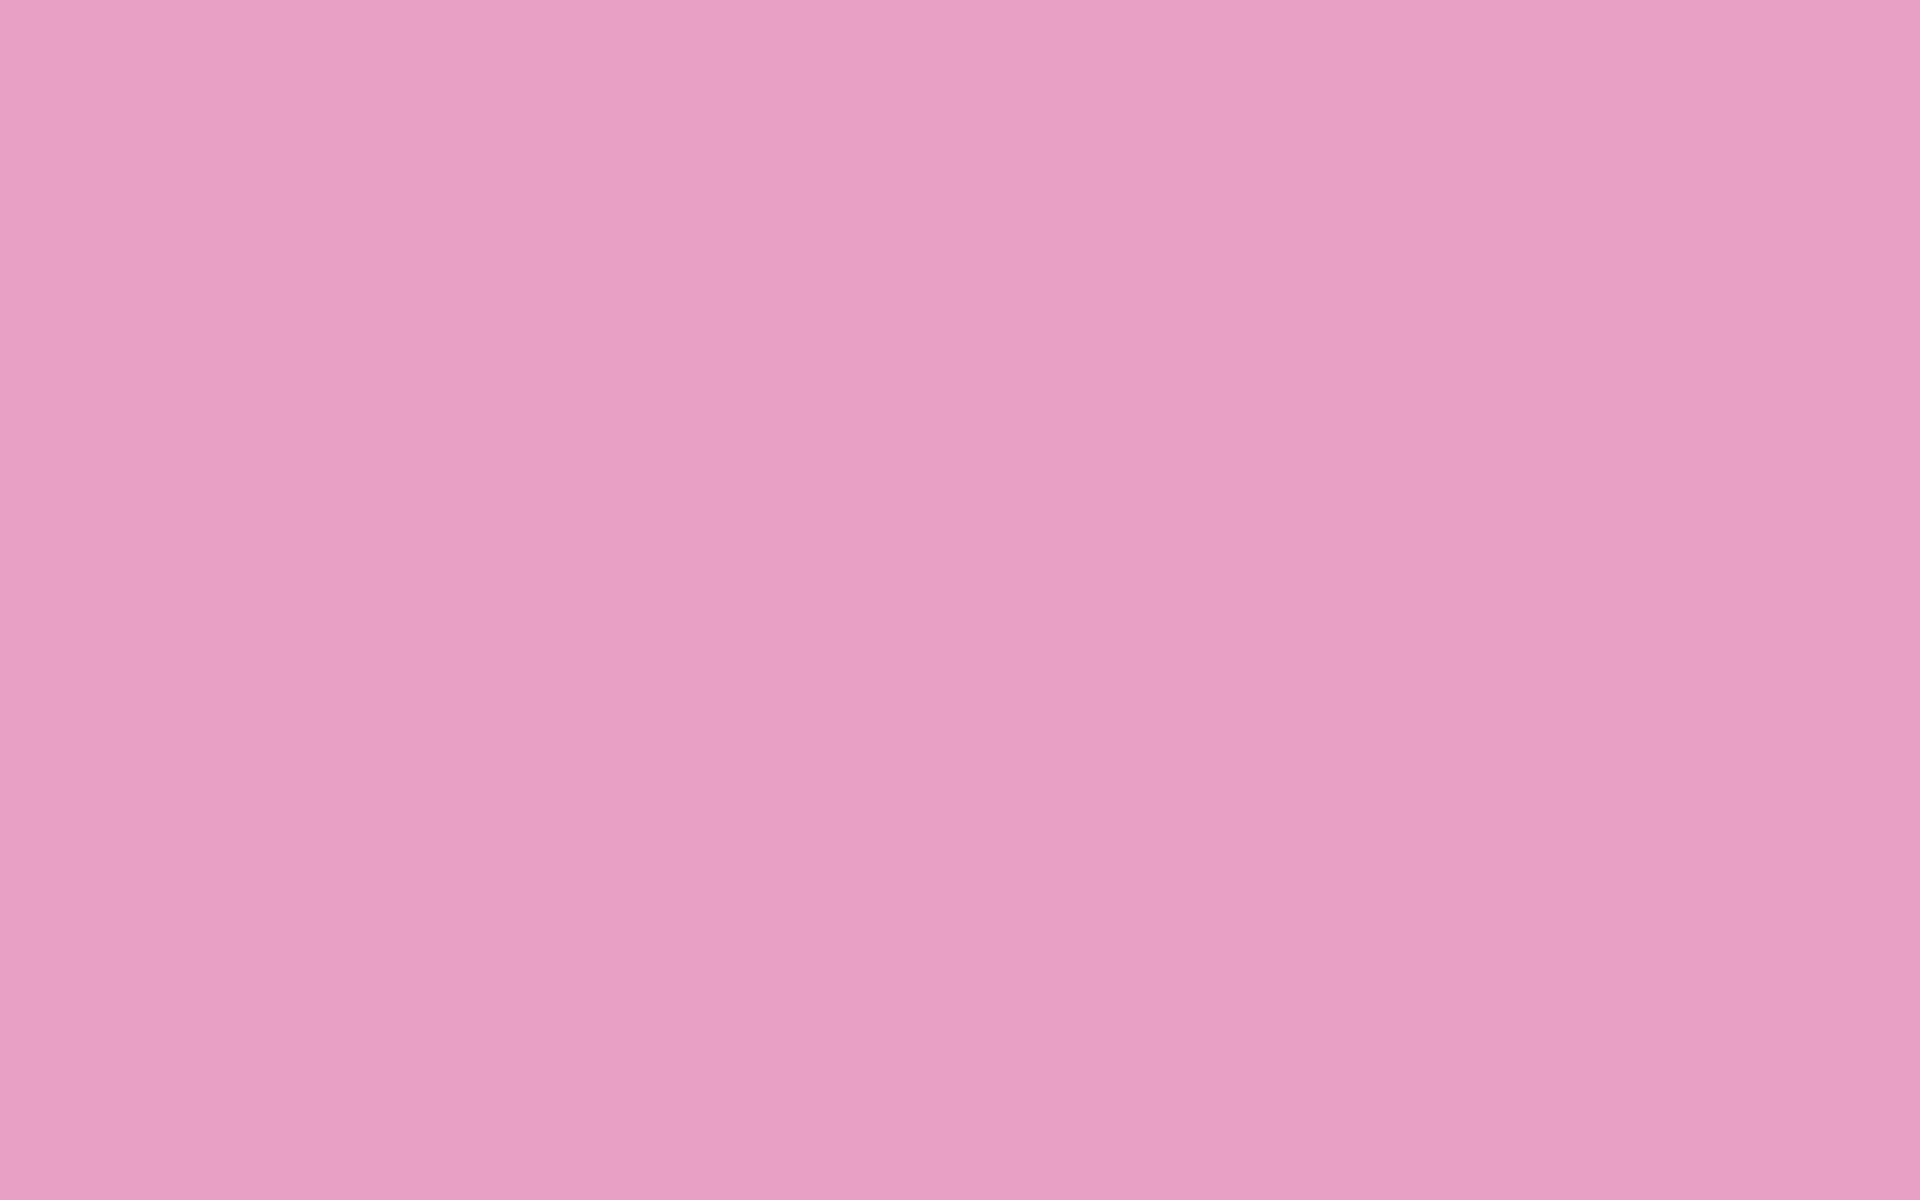 1920x1200 Kobi Solid Color Background